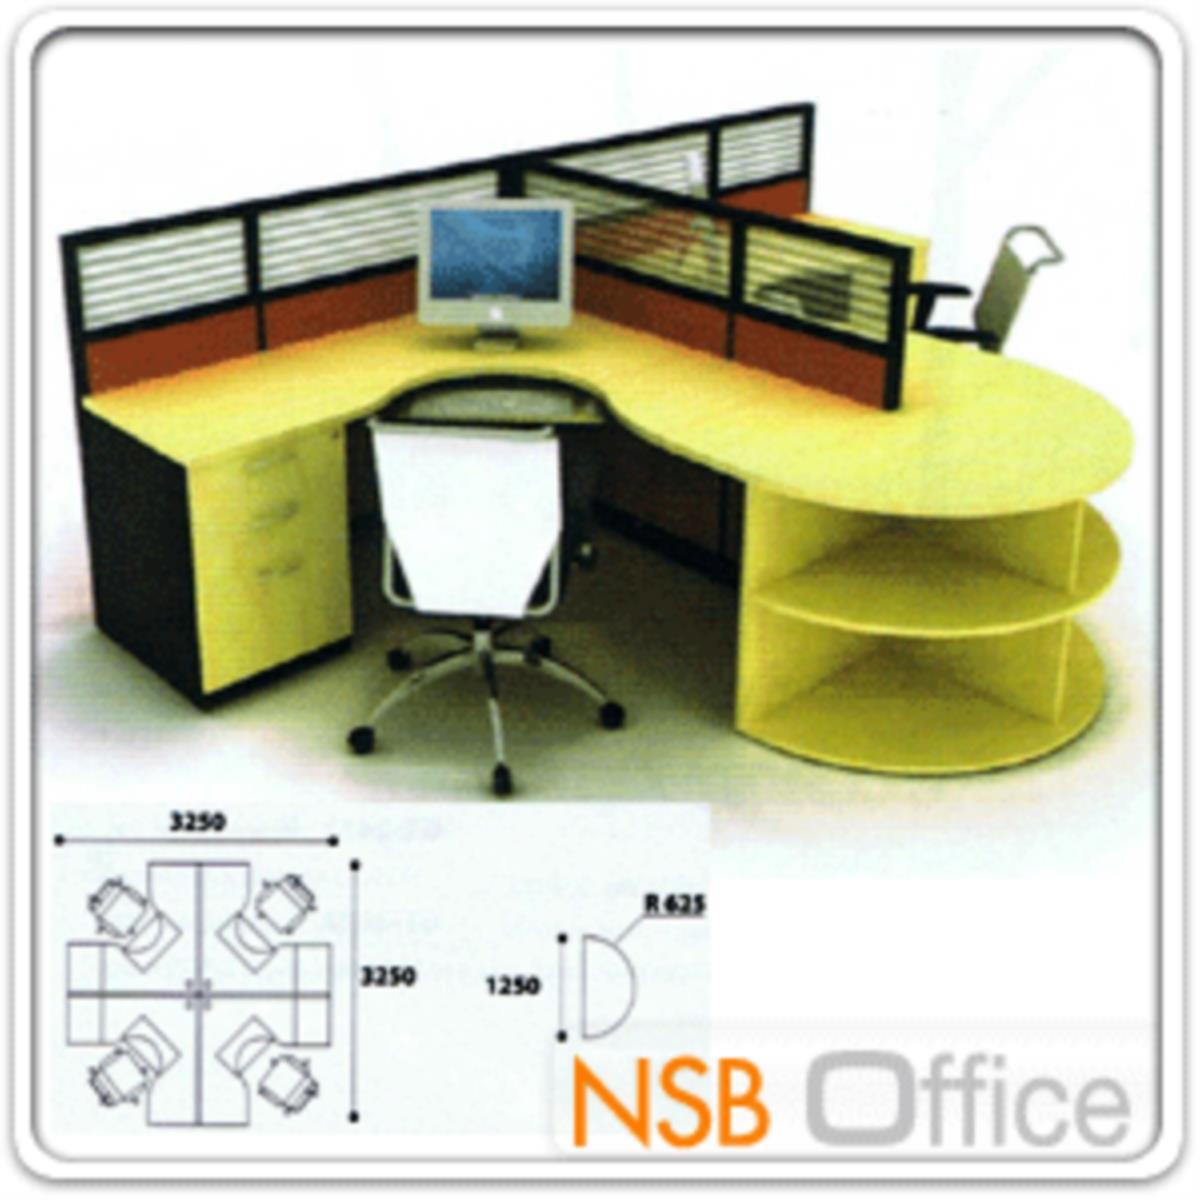 ชุดโต๊ะทำงานกลุ่มตัวแอล 2 ที่นั่ง   ขนาดรวม 225W cm. พร้อมพาร์ทิชั่น Hybrid System